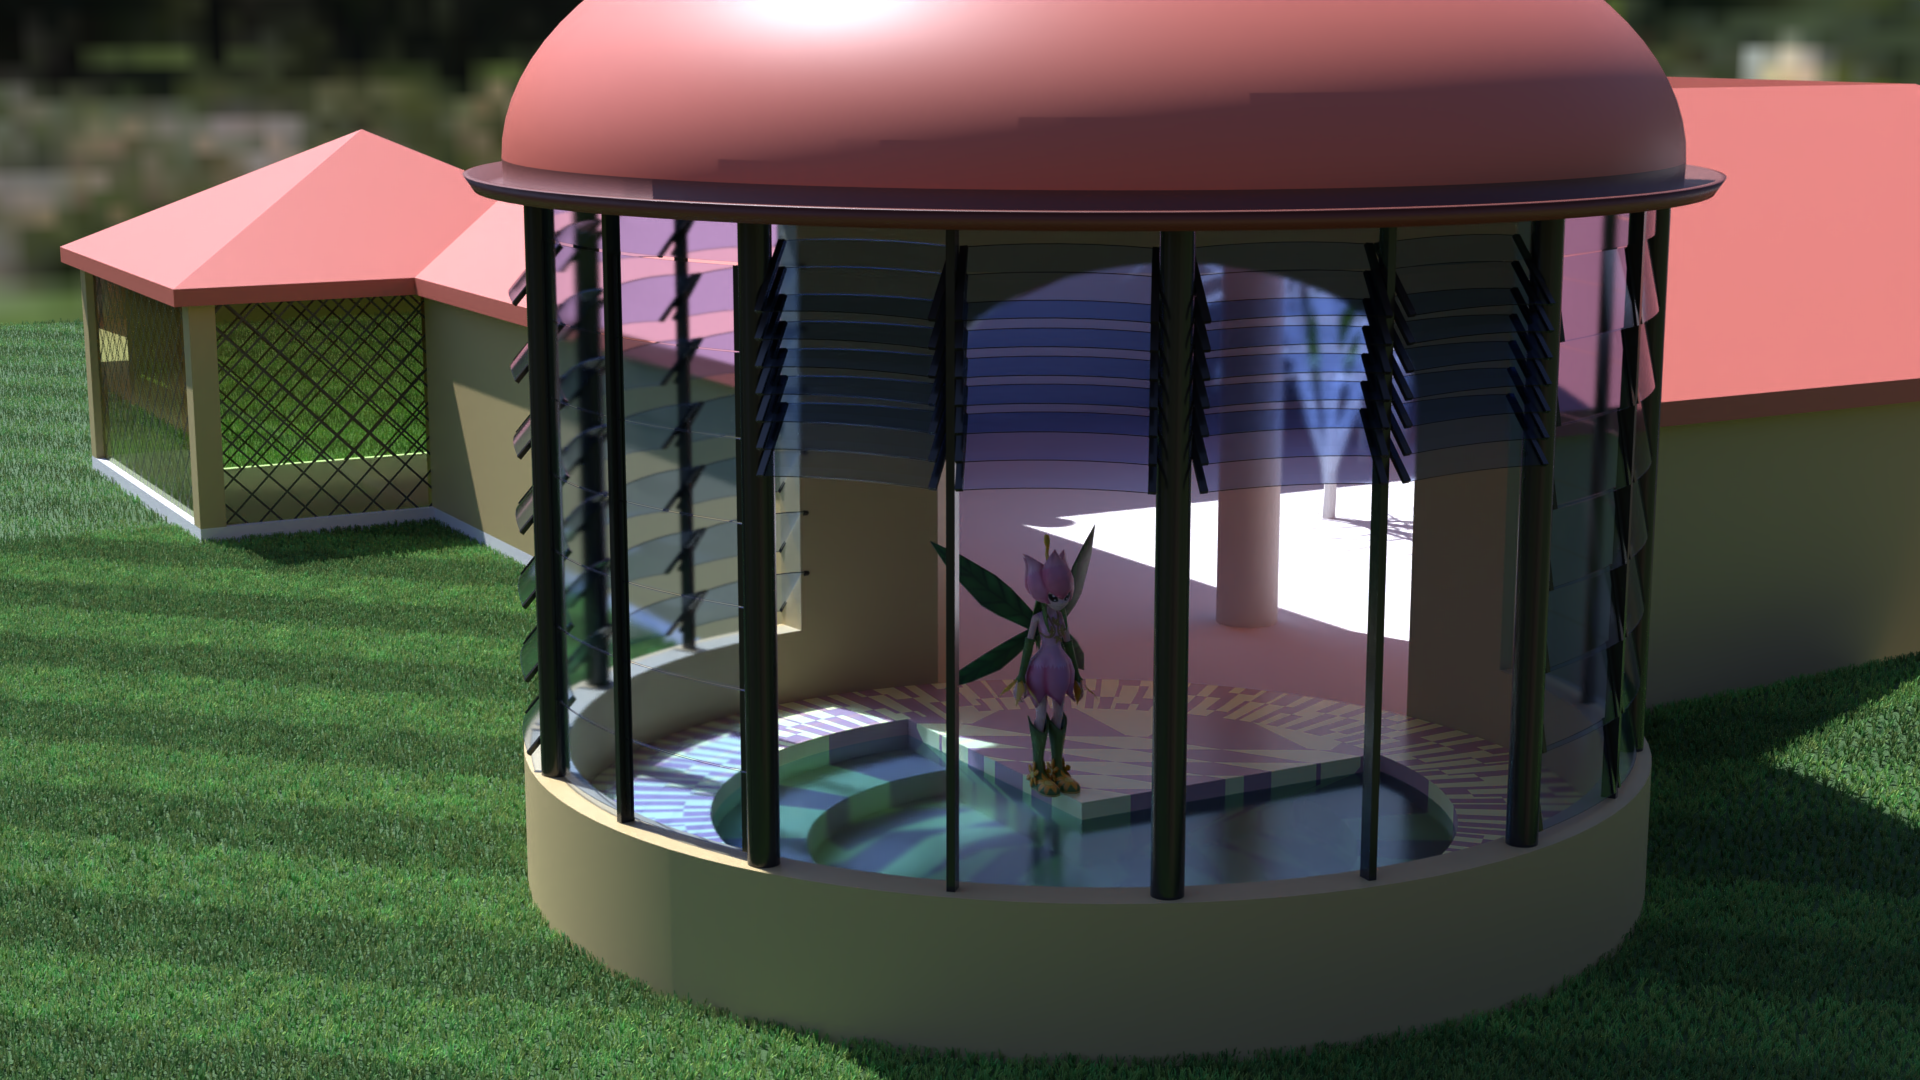 Some sort of pavilion